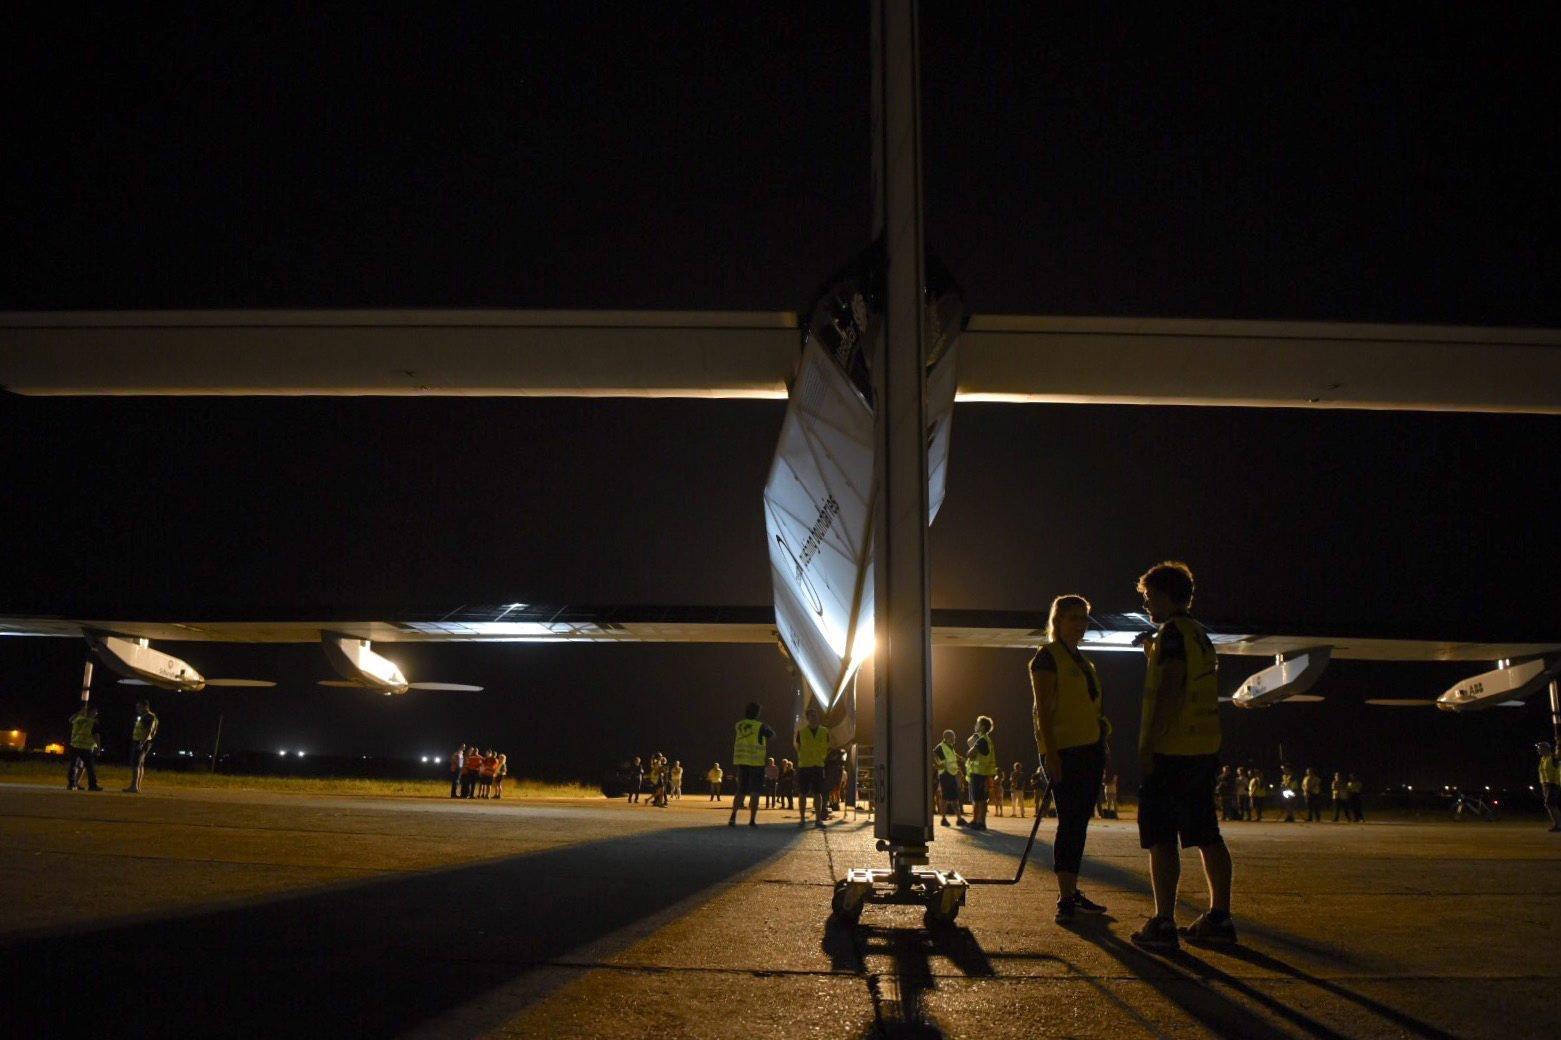 Die Solar Impulse 2 wird klar gemacht für den 50-Stunden-Flug nach Kairo.